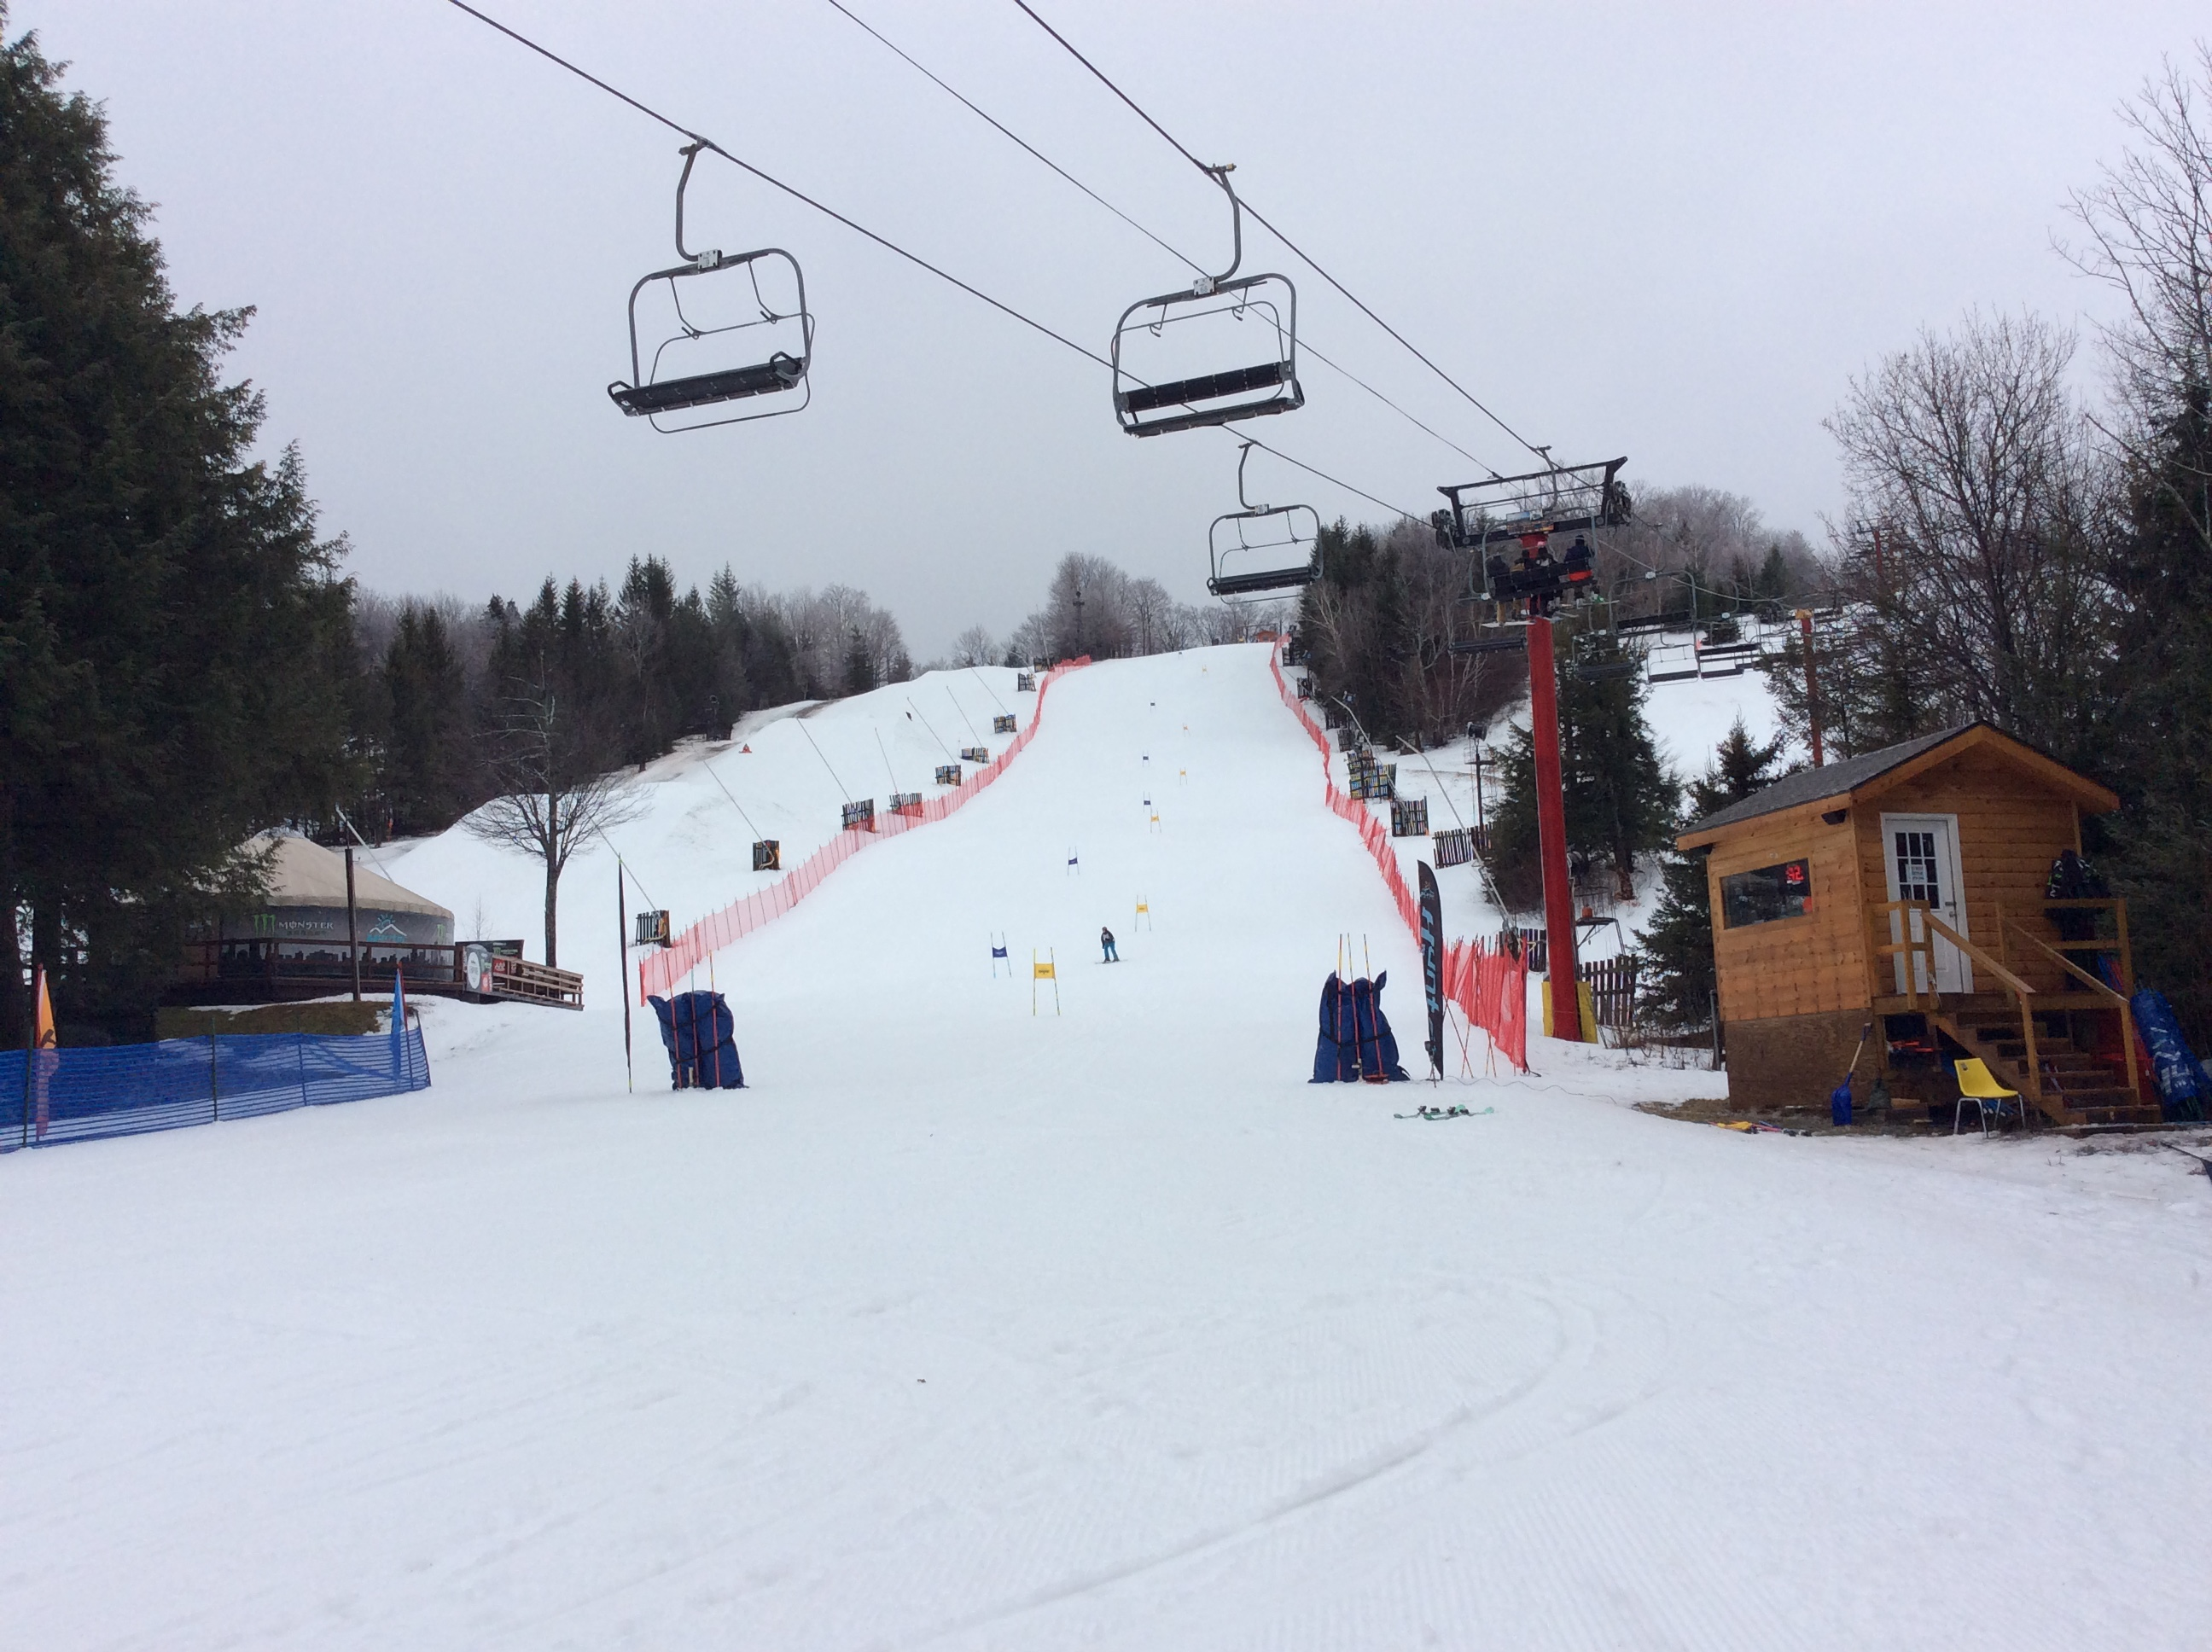 nypd-ski-club_32396127375_o